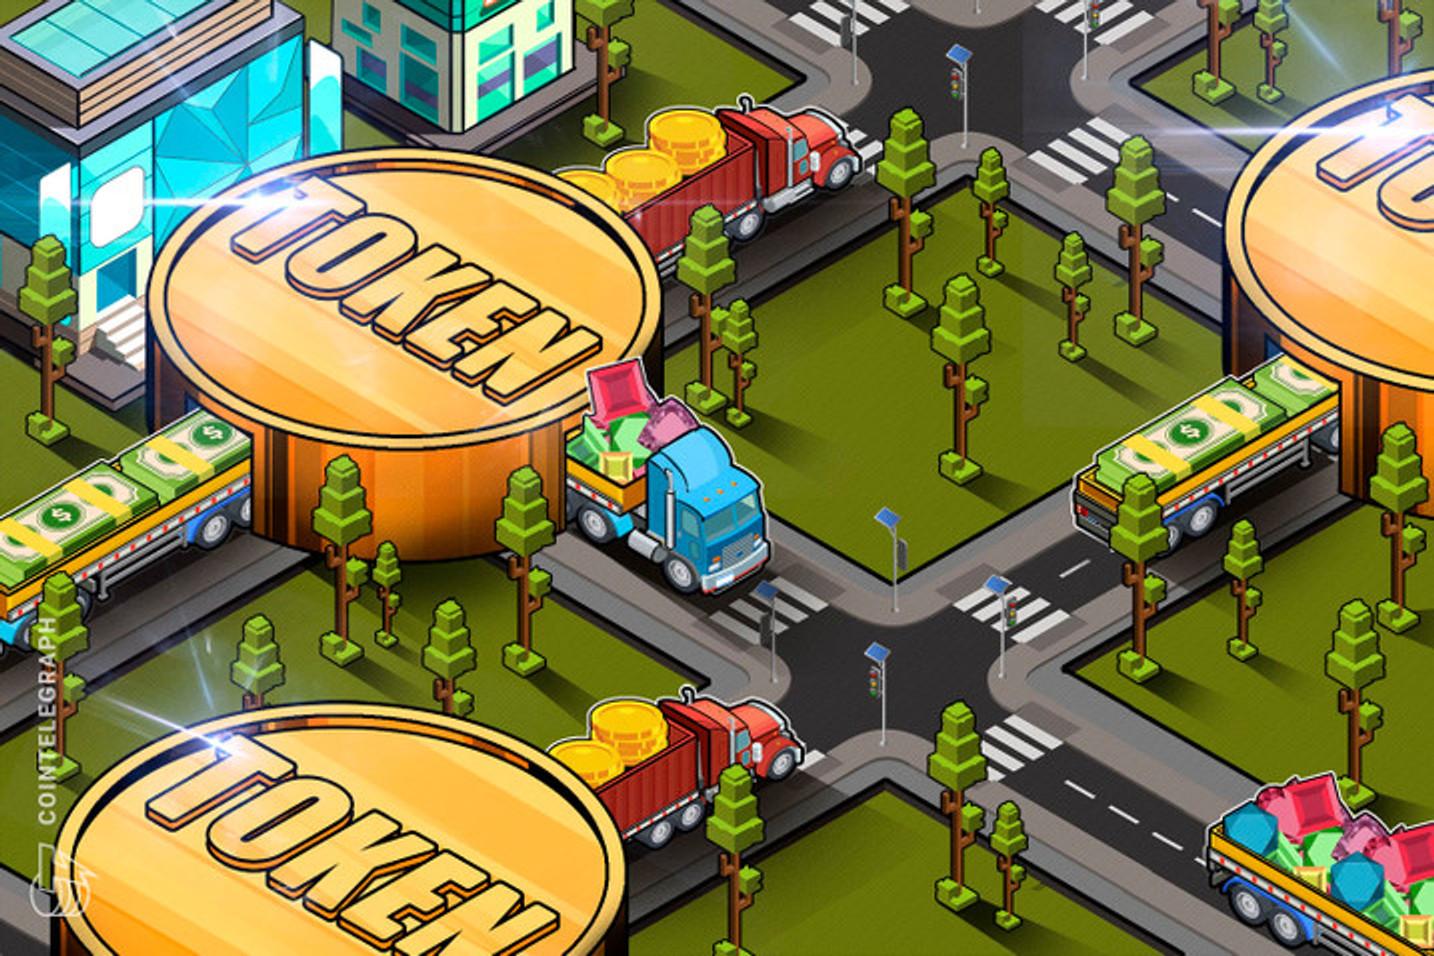 Token Economia: Security Tokens e suas aplicações no mercado financeiro